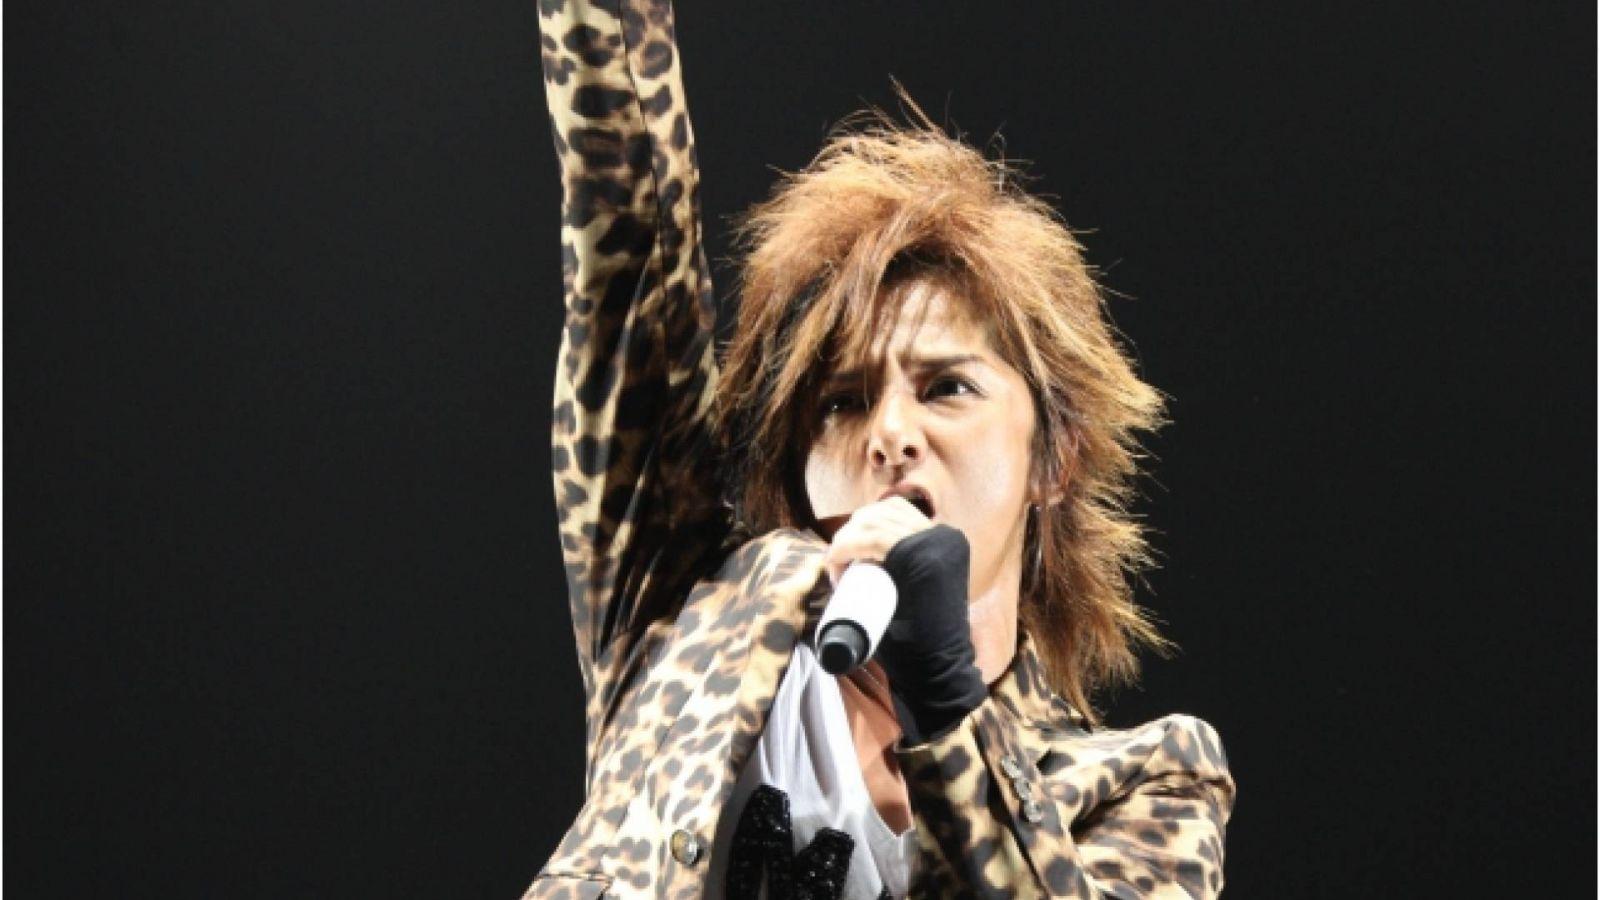 Wywiad z Mitsuru Matsuoką z zespołu SOPHIA podczas V-ROCK FESTIVAL © SOPHIA - V-ROCK FESTIVAL